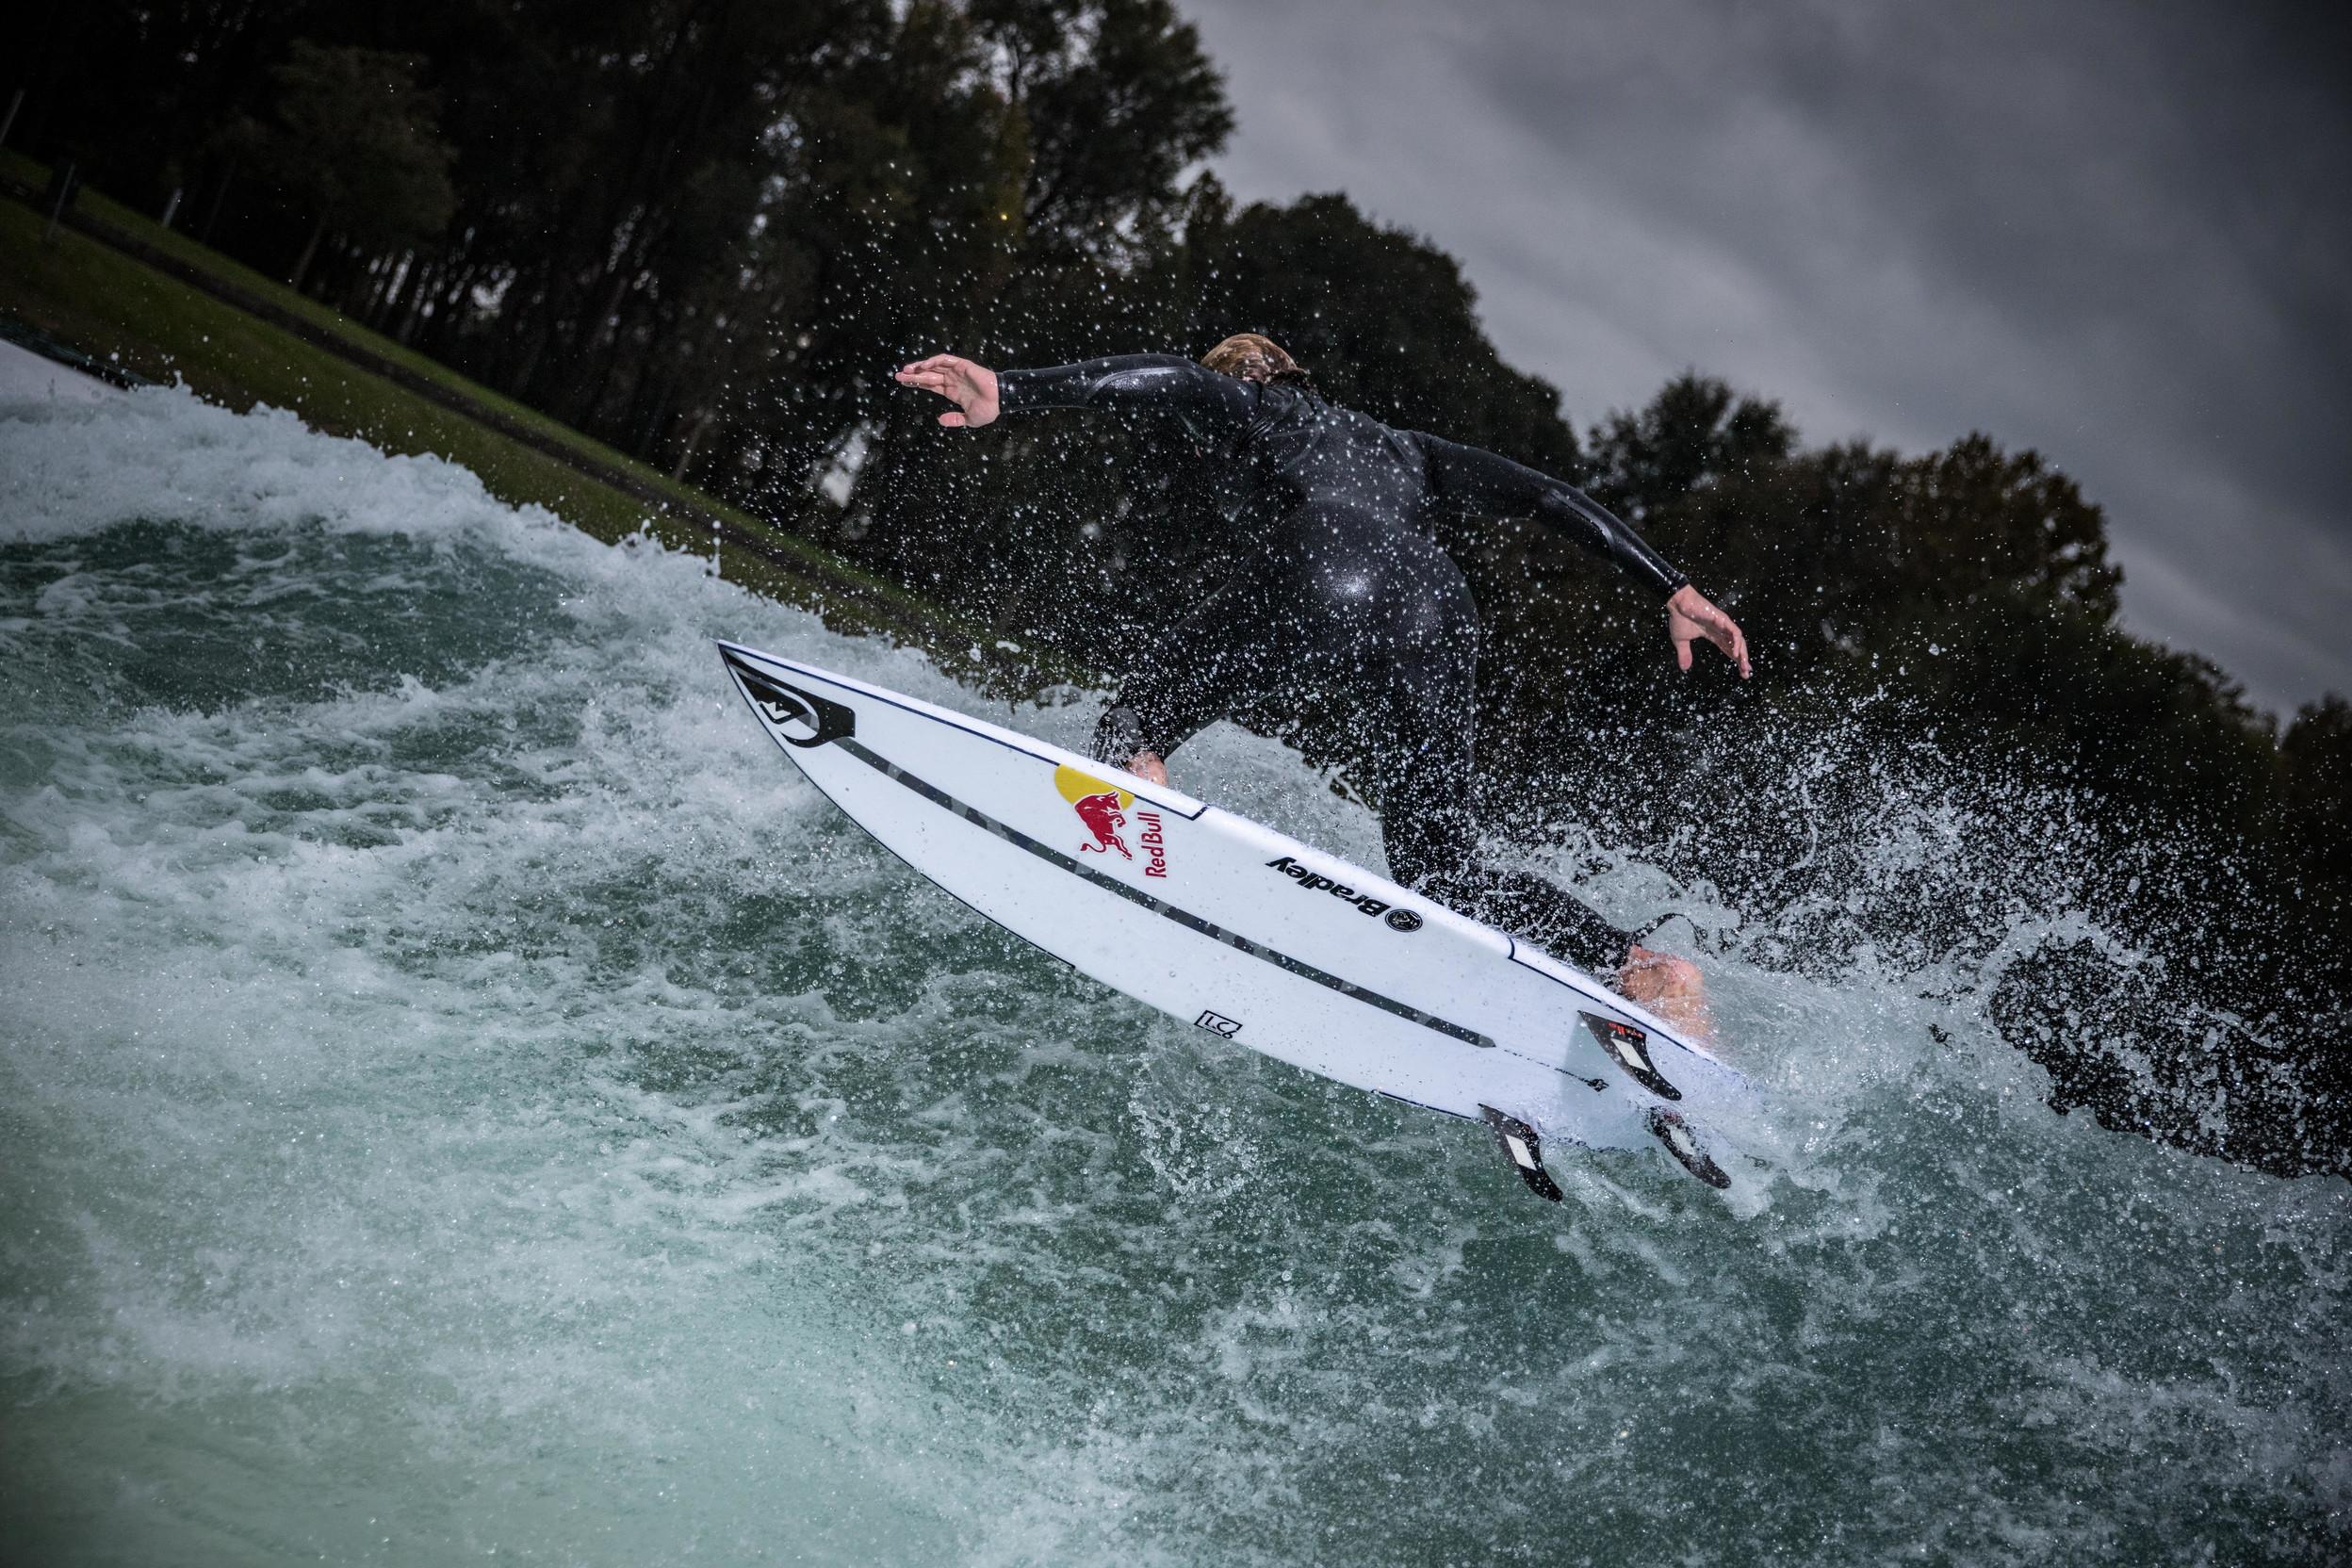 &nbsp;Il campione di surf del team Red Bull,&nbsp;Leonardo Fioravanti&nbsp;ieri a Milano per testare l&rsquo;onda statica artificiale al Wakeparadise dell&rsquo;Idroscalo. Con lui anche il campione del mondo di wakeboard e atleta Red Bull&nbsp;Massimiliano Piffaretti&nbsp;che, dopo l&rsquo;onda statica, si &egrave; cimentato con Leo pure in un divertente doppio nella sua disciplina, grazie al Sistem 2.0 del cable park. &ldquo;Tornare a Milano &egrave; per me sempre speciale&rdquo;,&nbsp;ha affermato&nbsp;Leonardo Fioravanti,&nbsp;&ldquo;amo la citt&agrave; e questa volta ho avuto la fortuna di poter venire all&rsquo;Idroscalo a surfare. Qui avevo gi&agrave; provato il wakeboard ma mai l&rsquo;onda statica artificiale. Provarla per la prima volta &egrave; stato molto divertente ed emozionante anche se &egrave; tutto molto diverso dall&rsquo;oceano: l&igrave; non sai mai che tipo di onda aspettarti! L&rsquo;onda perfetta credo comunque non esista da entrambe le parti. Ce ne sar&agrave; sempre una migliore&rdquo;. Foto di Gabriele Seghizzi<br /><br />